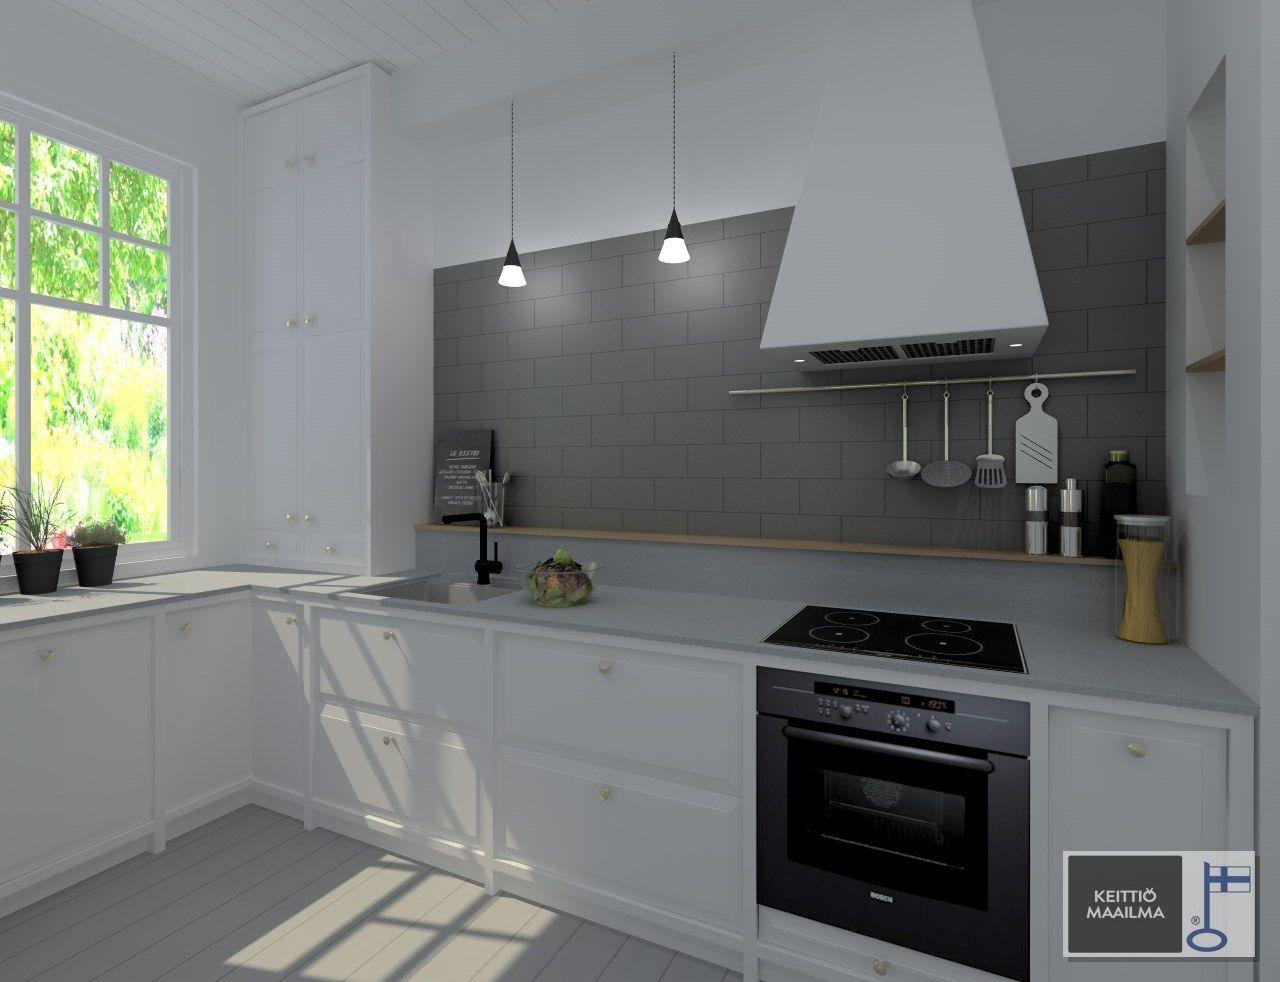 Iloni : Uusi keittiö!